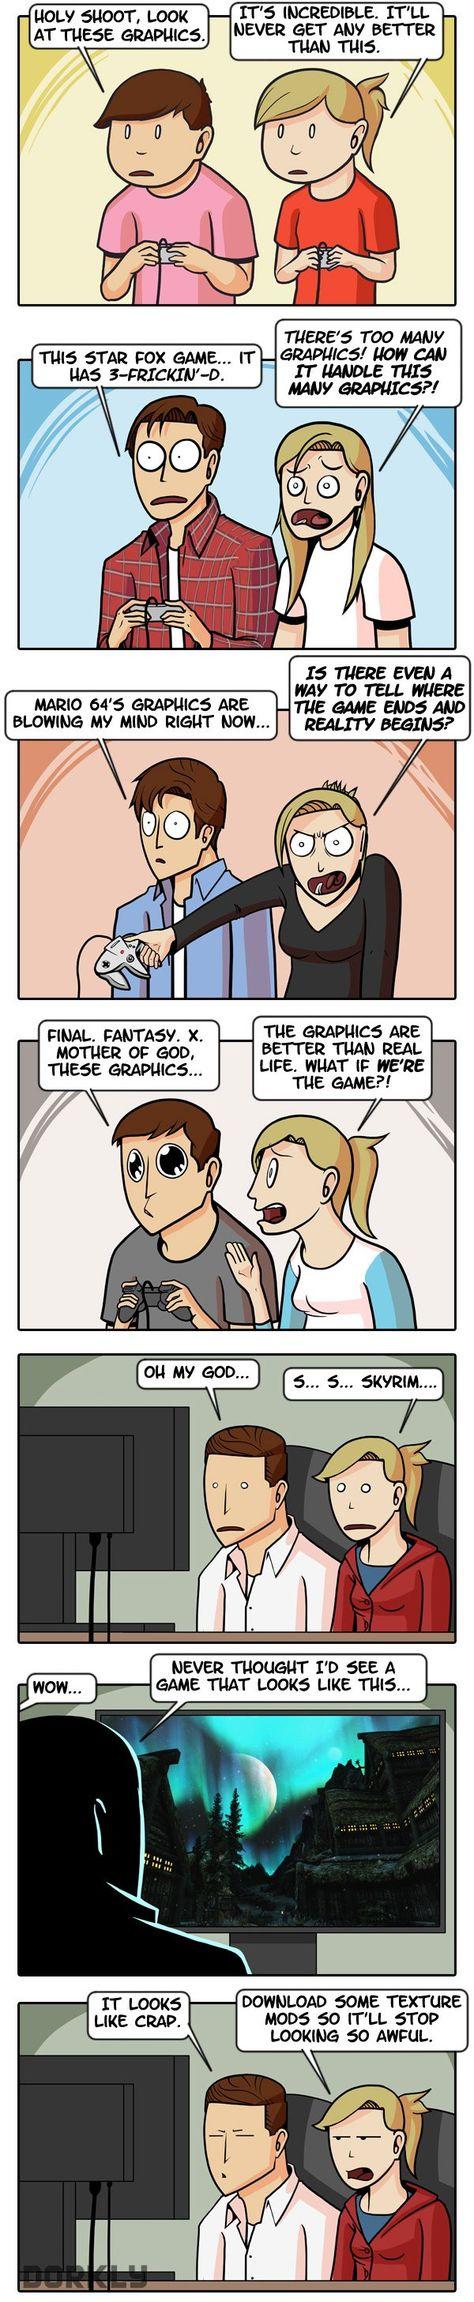 Spiele Meme Faces - Video Slots Online